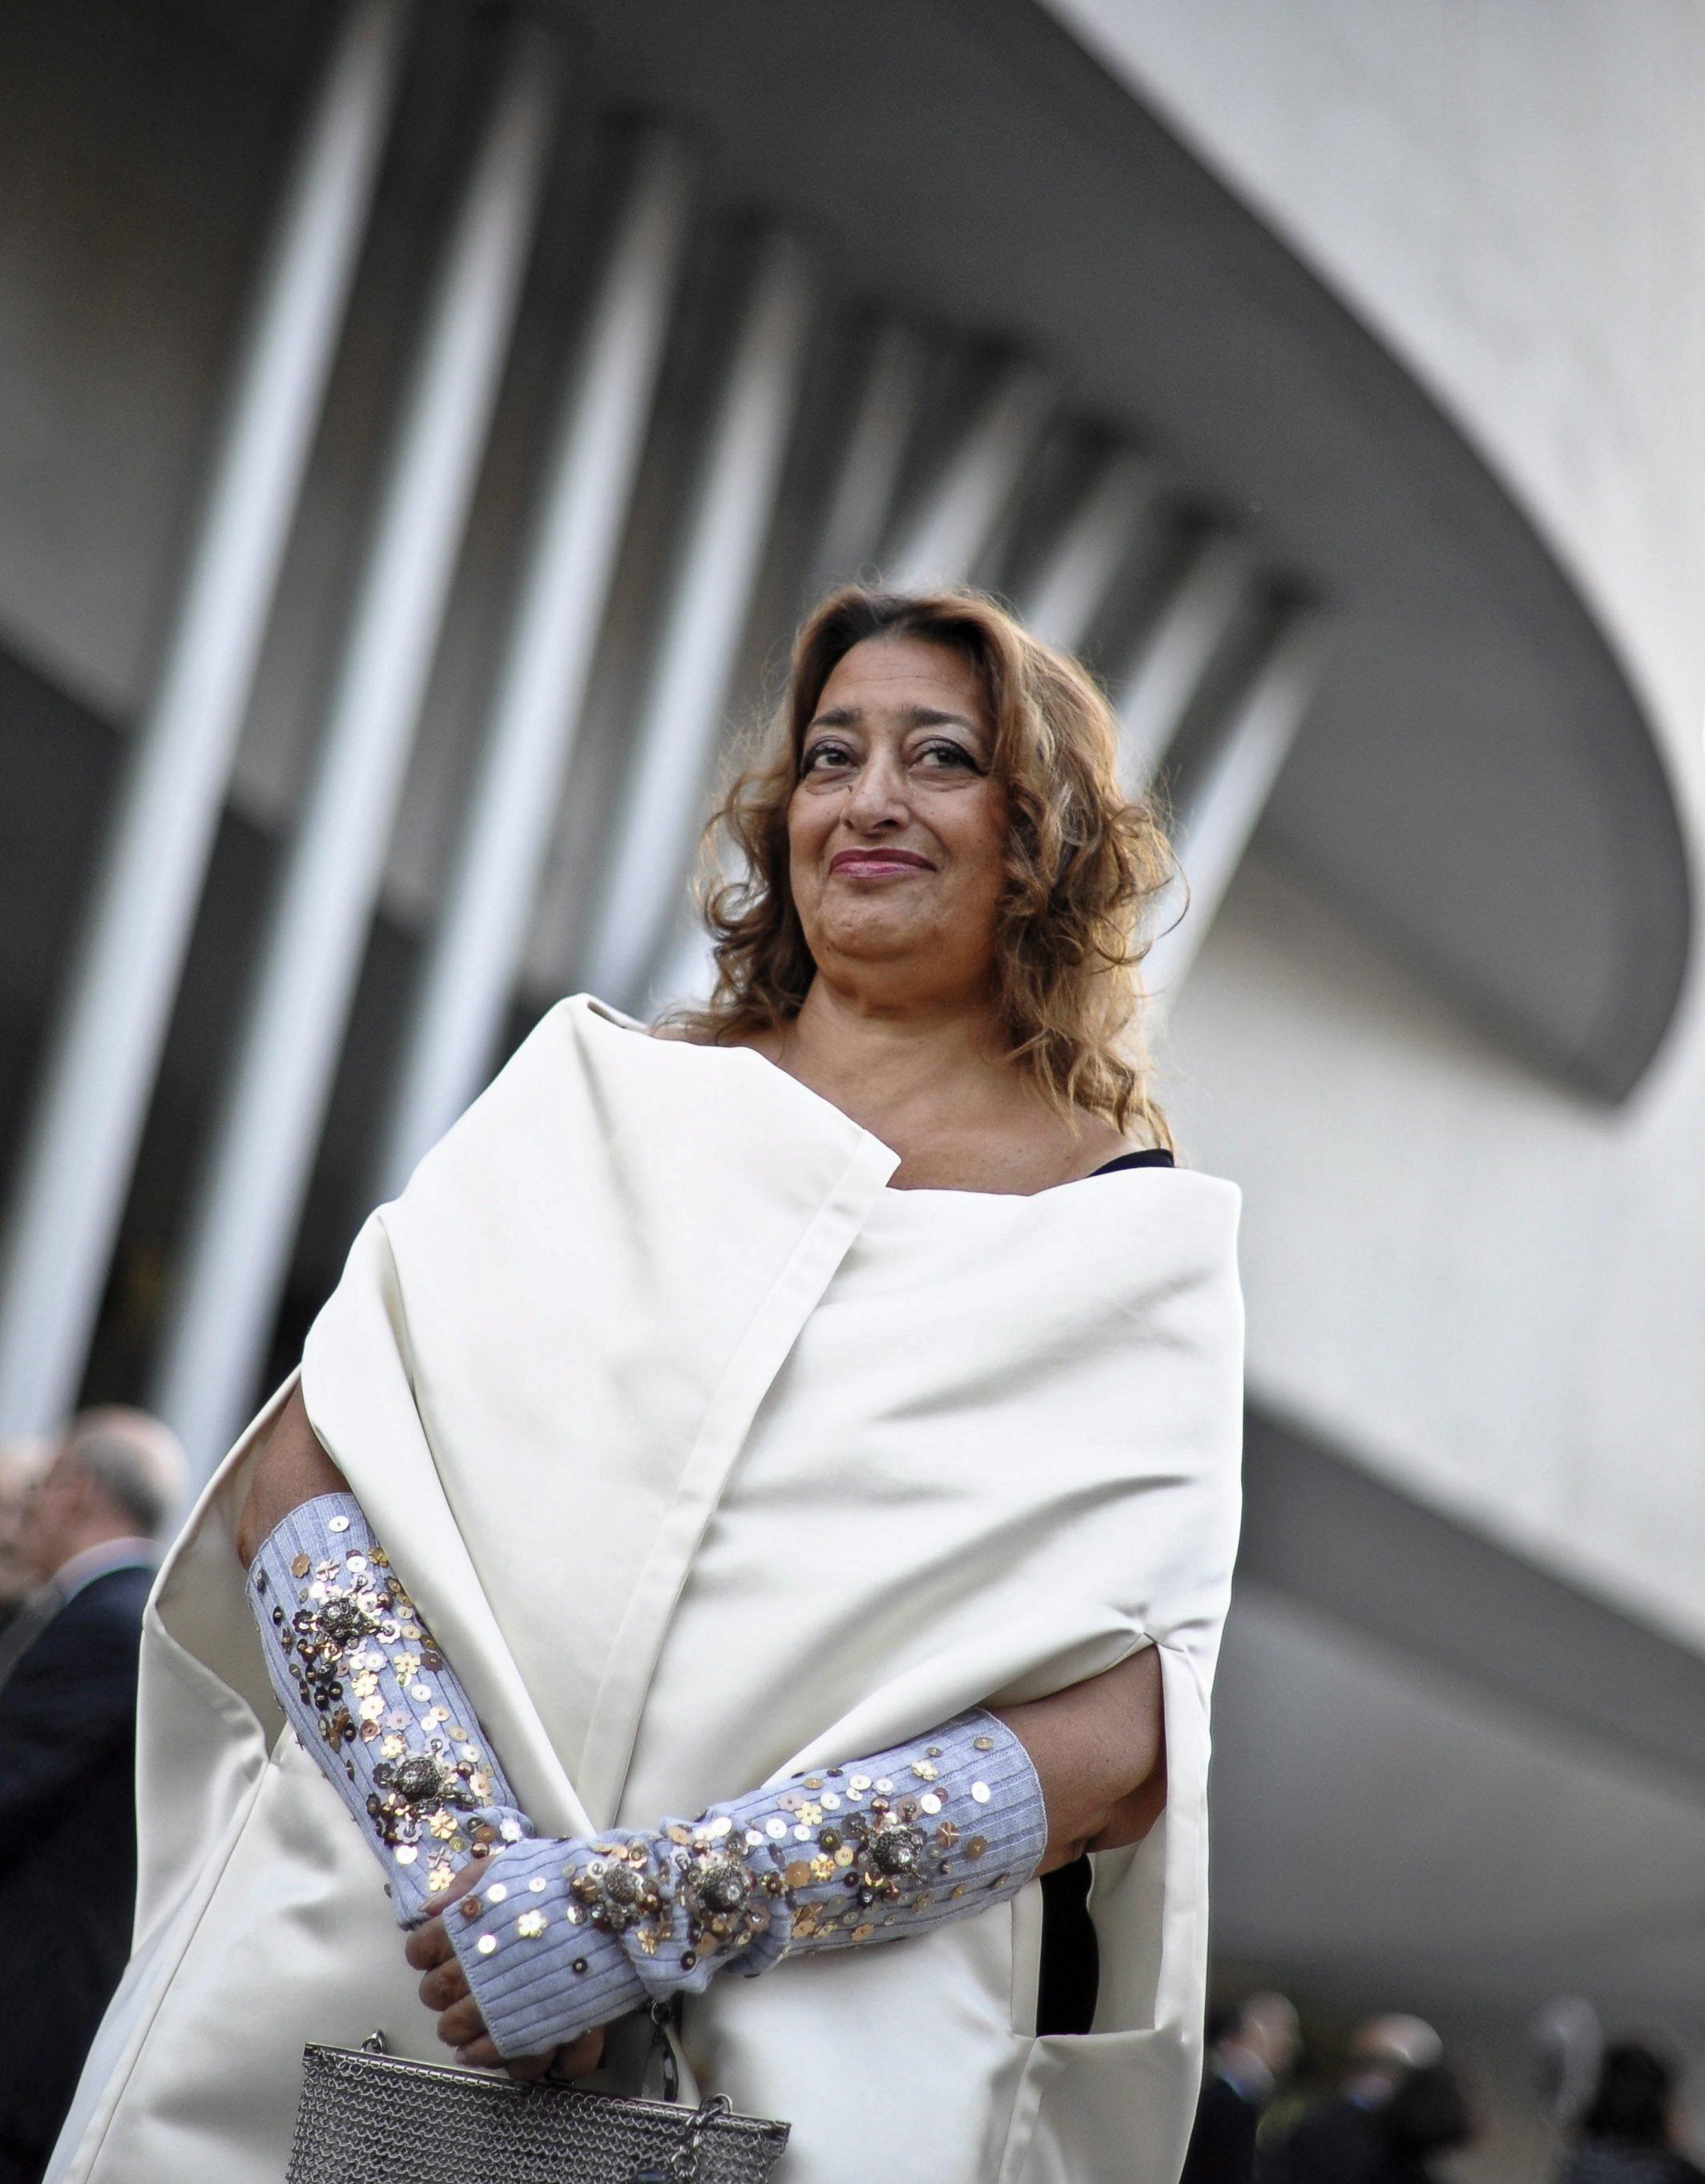 Zaha Hadid im Mai 2010 vor dem MAXXI, dem neuen von ihr entworfenen italienischen Nationalmuseum für Kunst des 21. Jahrhunderts.